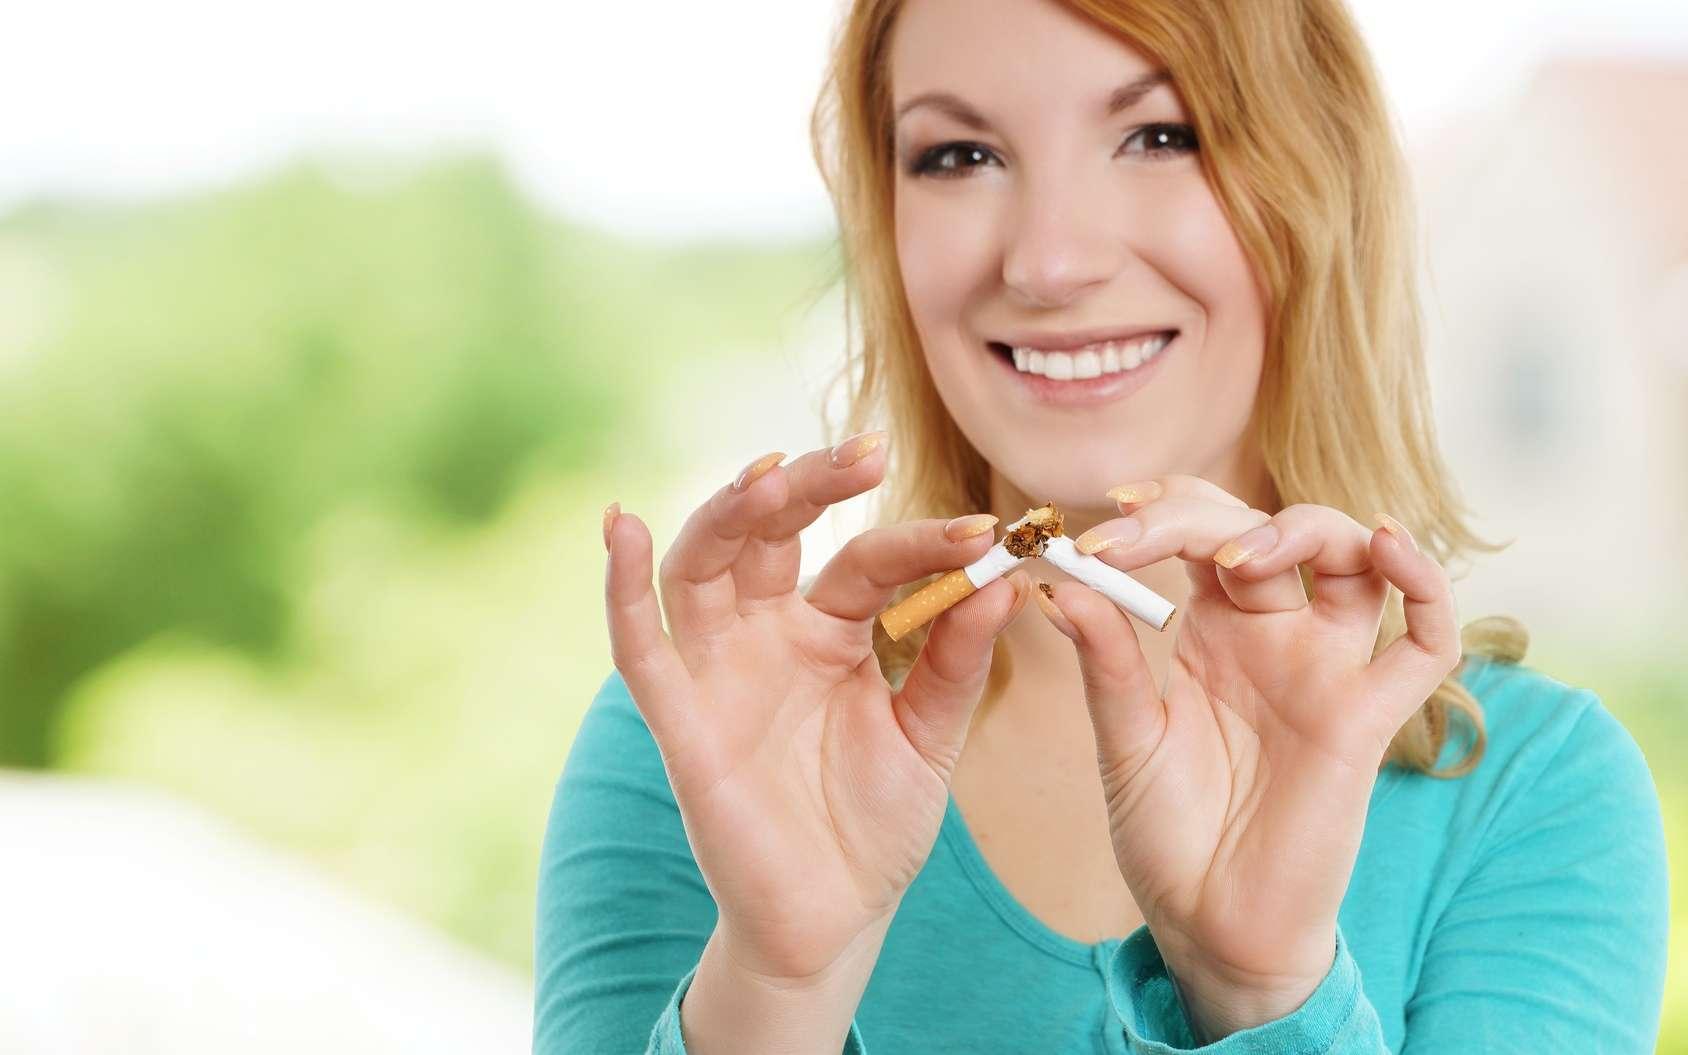 À l'occasion du mois sans tabac, Futura vous donne cinq méthodes pour arrêter de fumer. © underdogstudios, Fotolia